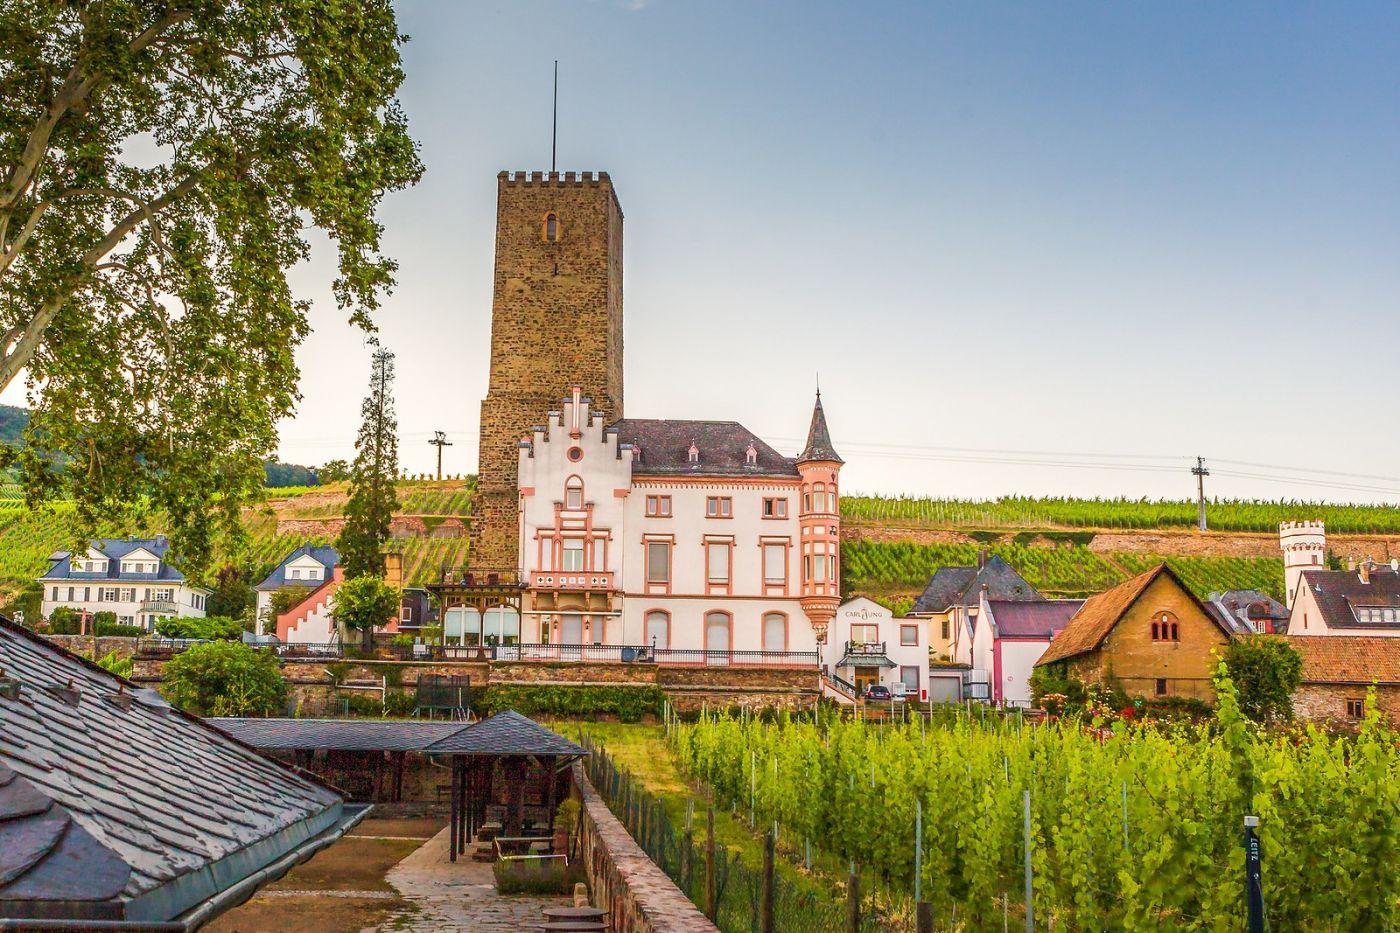 德国吕德斯海姆(Rudesheim),莱茵河畔的小镇_图1-28